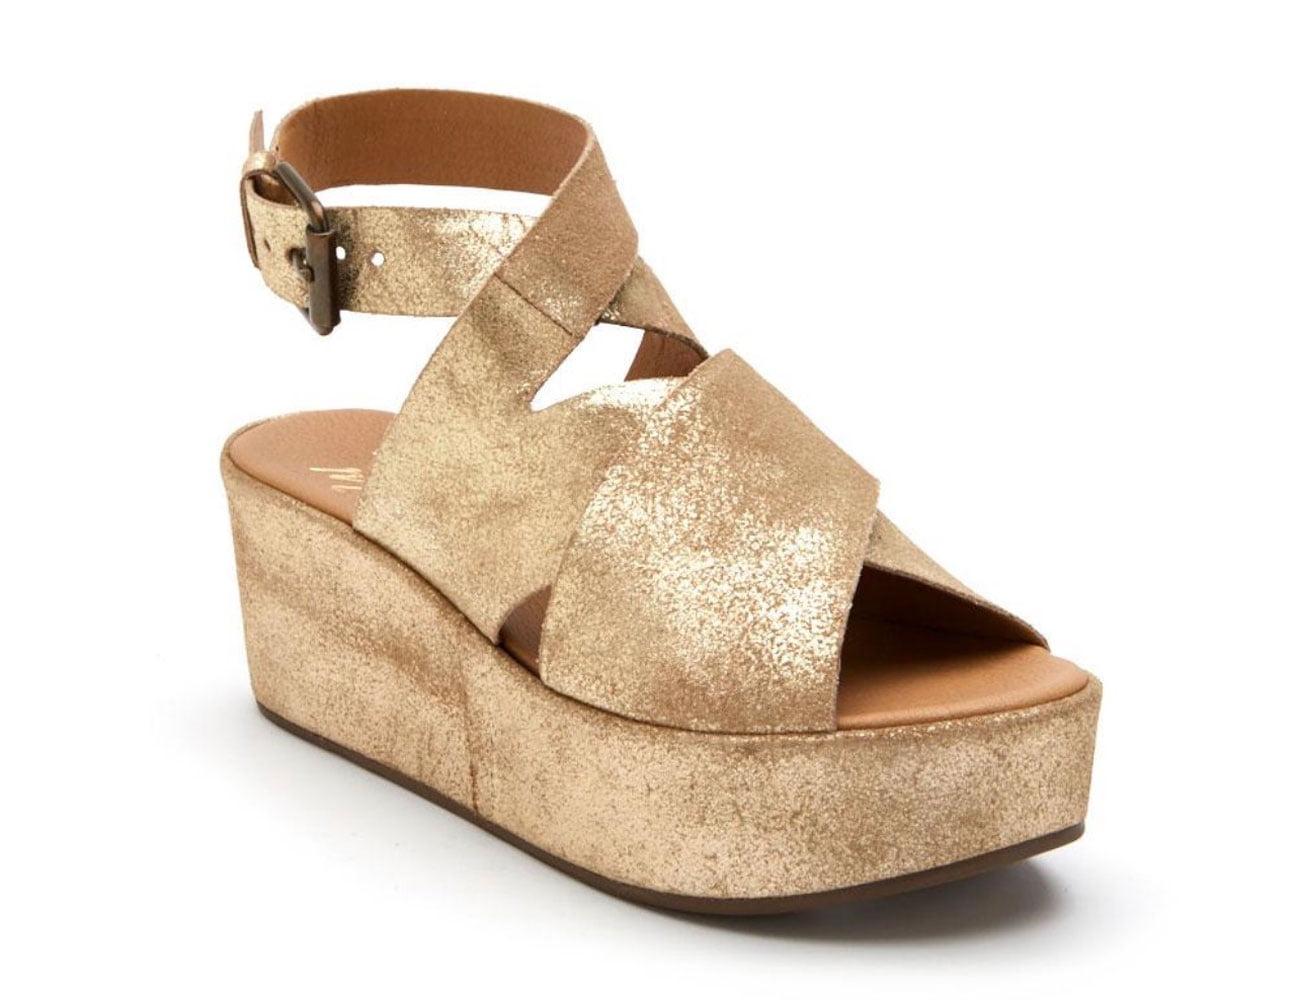 Matisse Footwear - Coconuts by Matisse